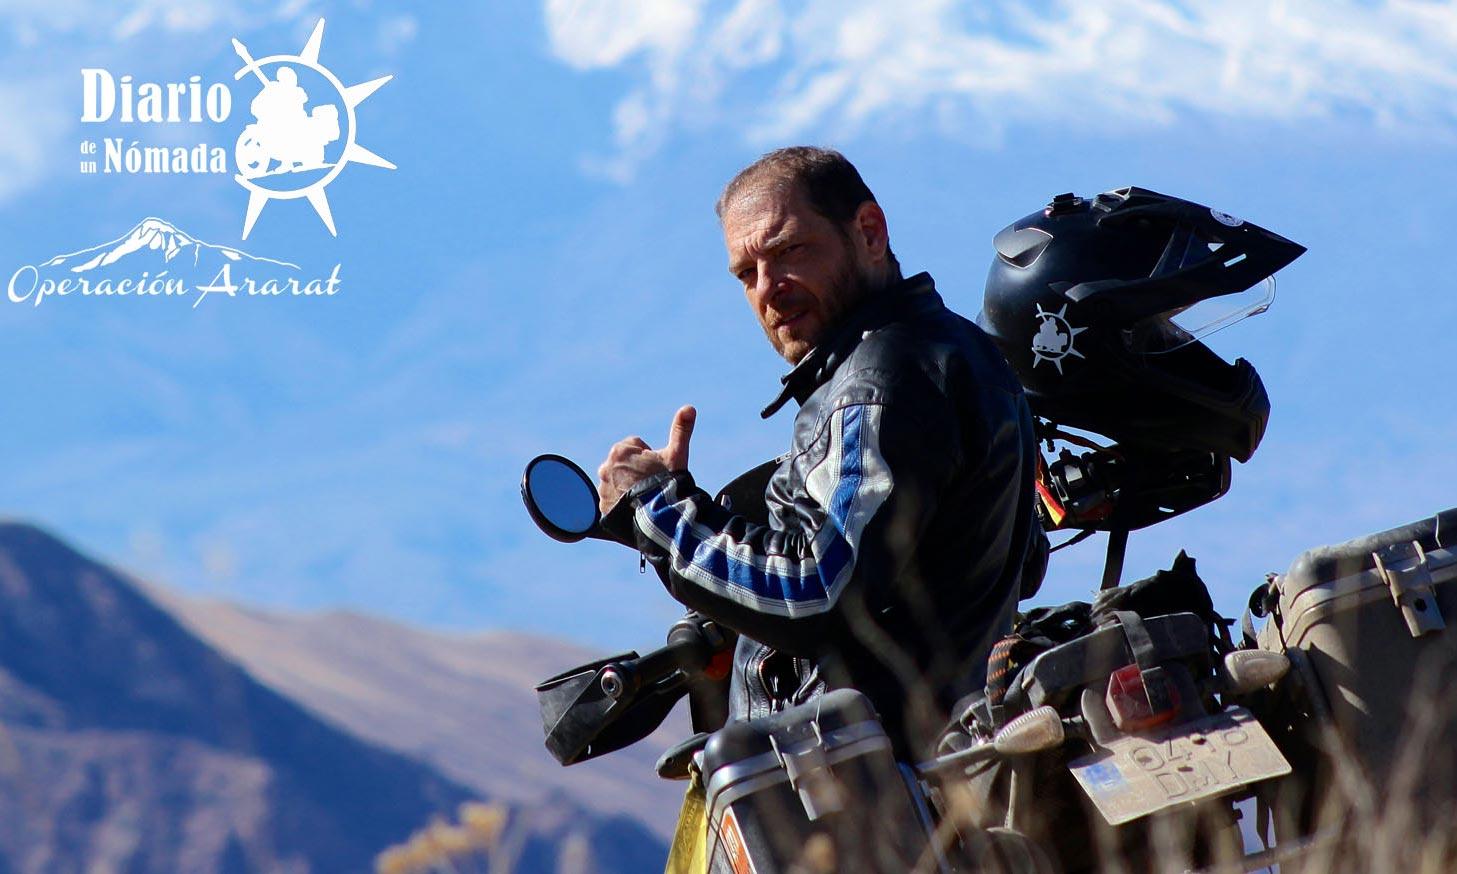 Operación Ararat, Miquel Silvestre, Piedra de Toque